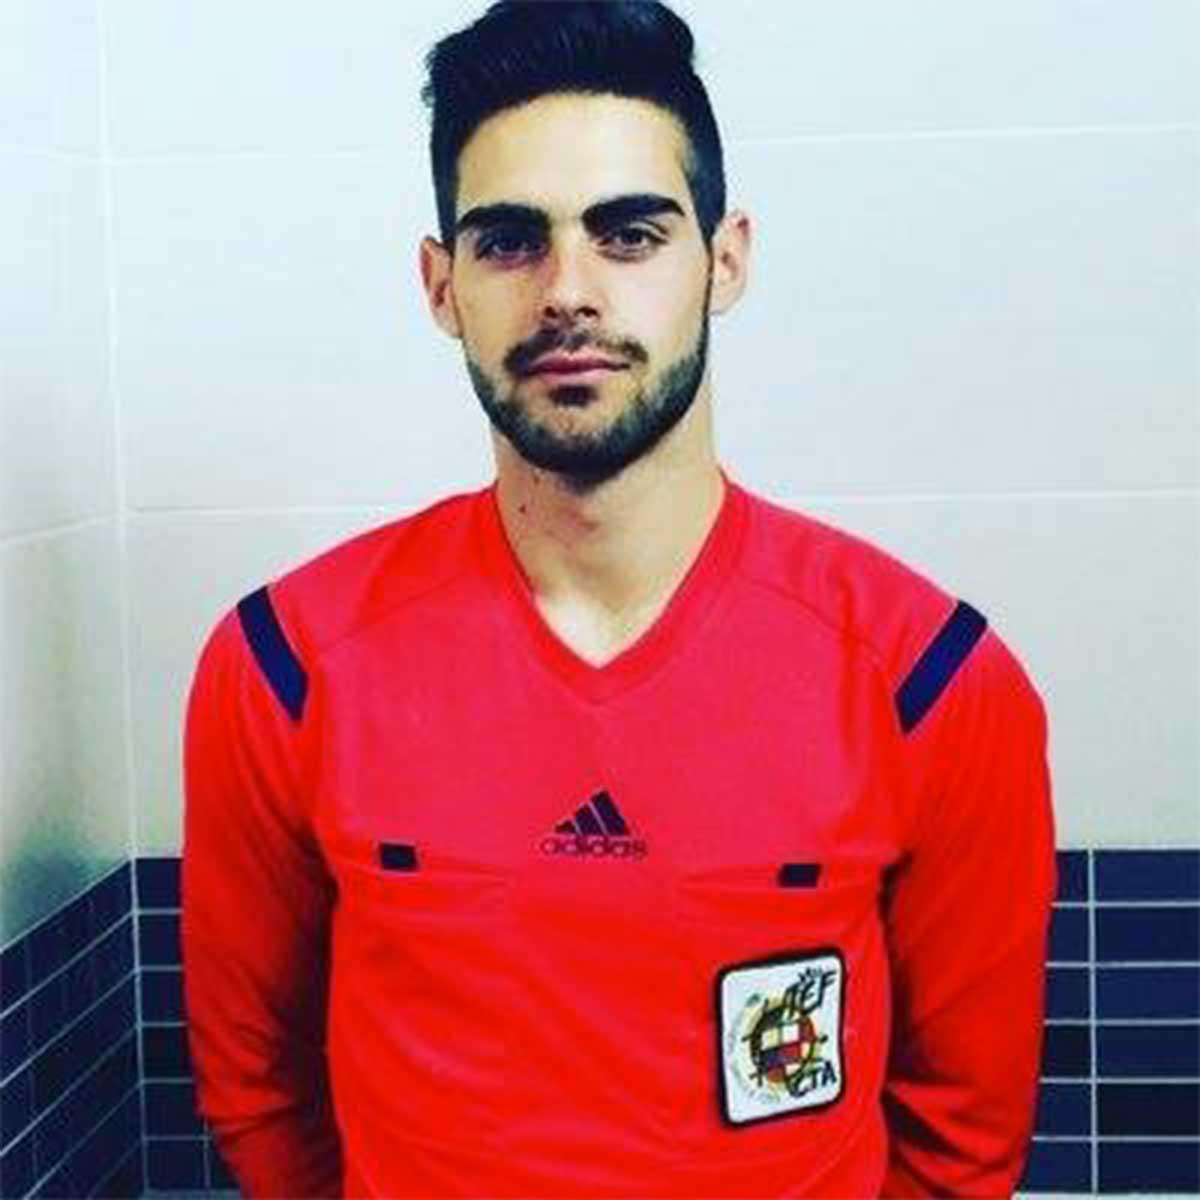 Espagne arbitre gay football homophobie